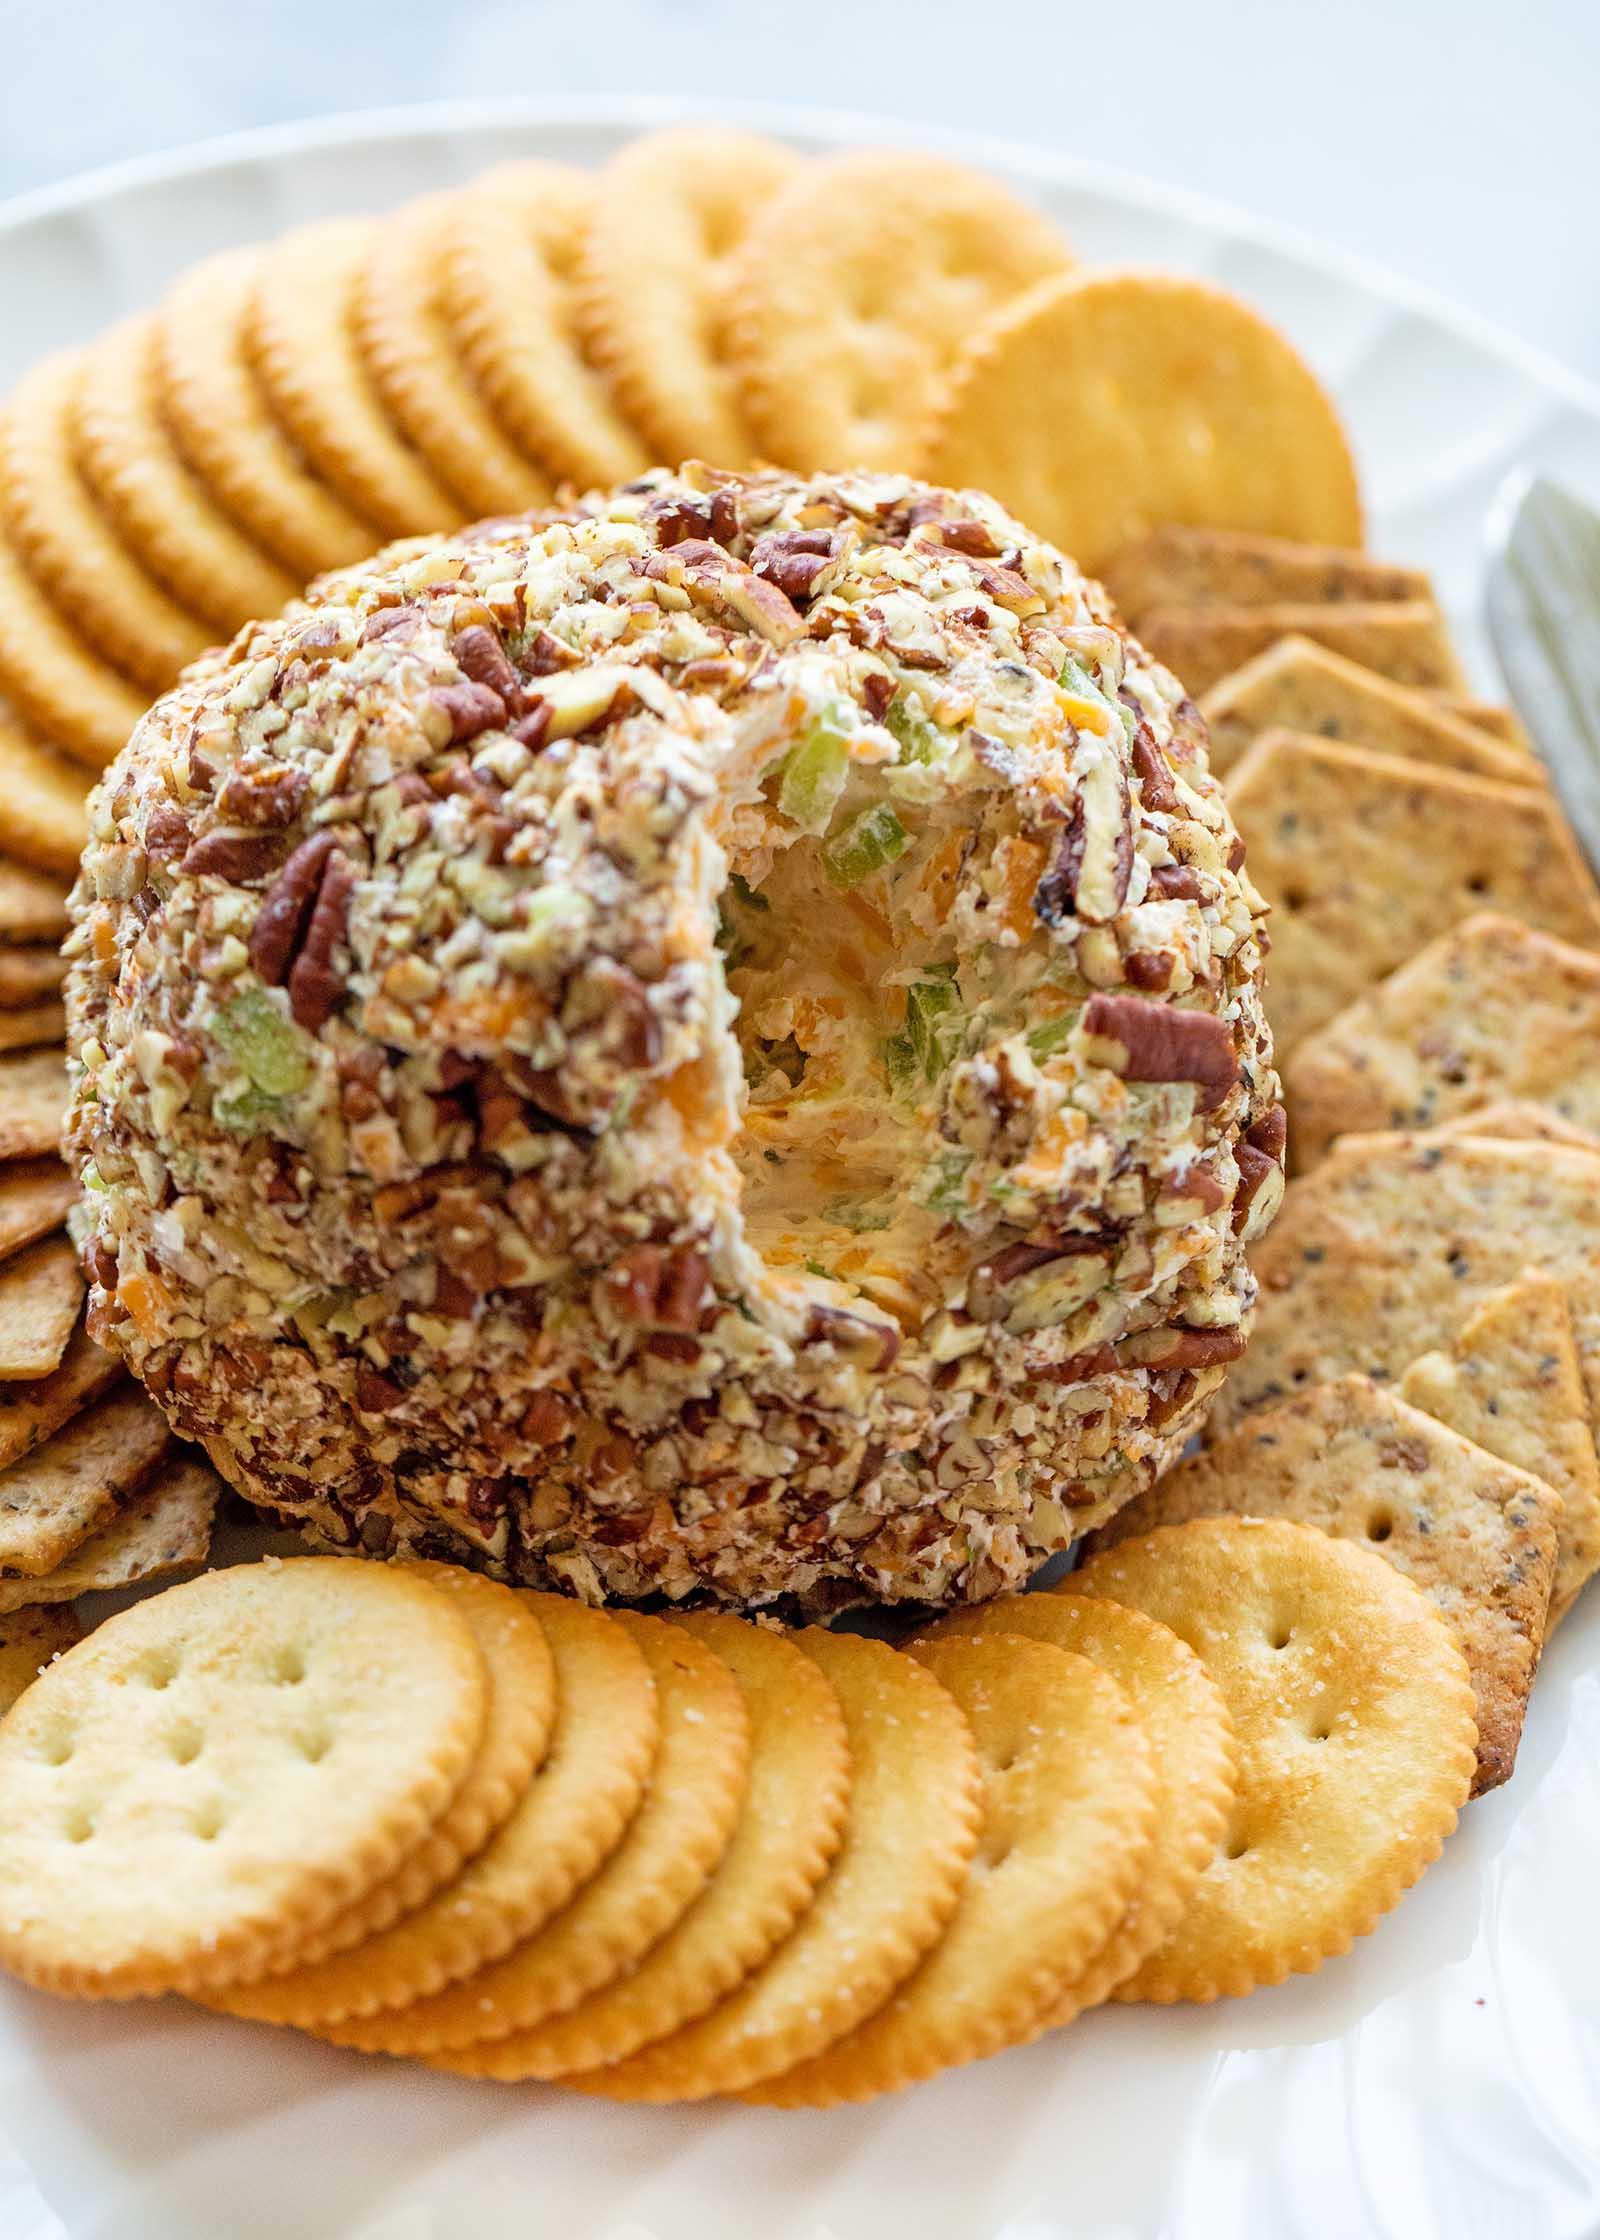 На фото изображен самодельный сырный шарик с вычерпанным кусочком. Крекеры повсюду вокруг сырного шарика.